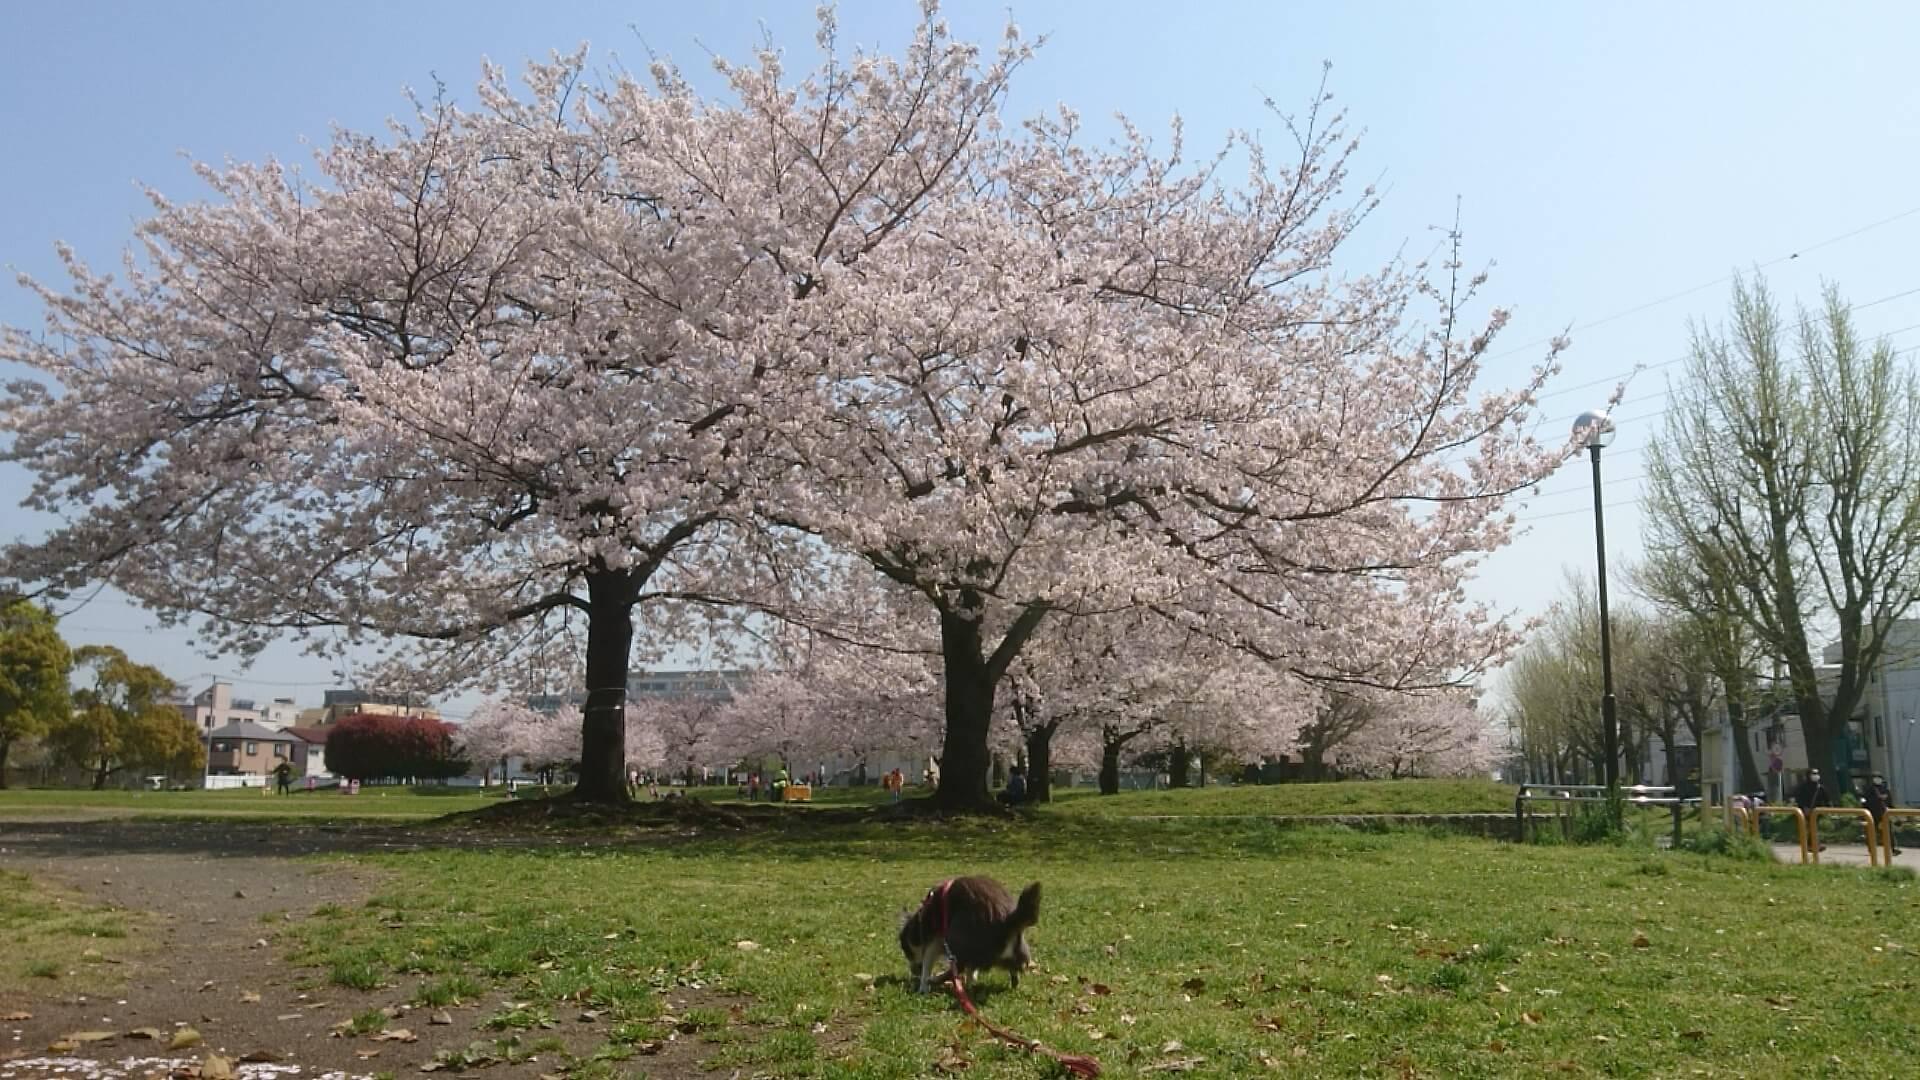 さんはん,詩人,詩,言いたい放題,自由,反戦,平和,戦争反対,桜,散りゆく桜,華胥,まろさん,